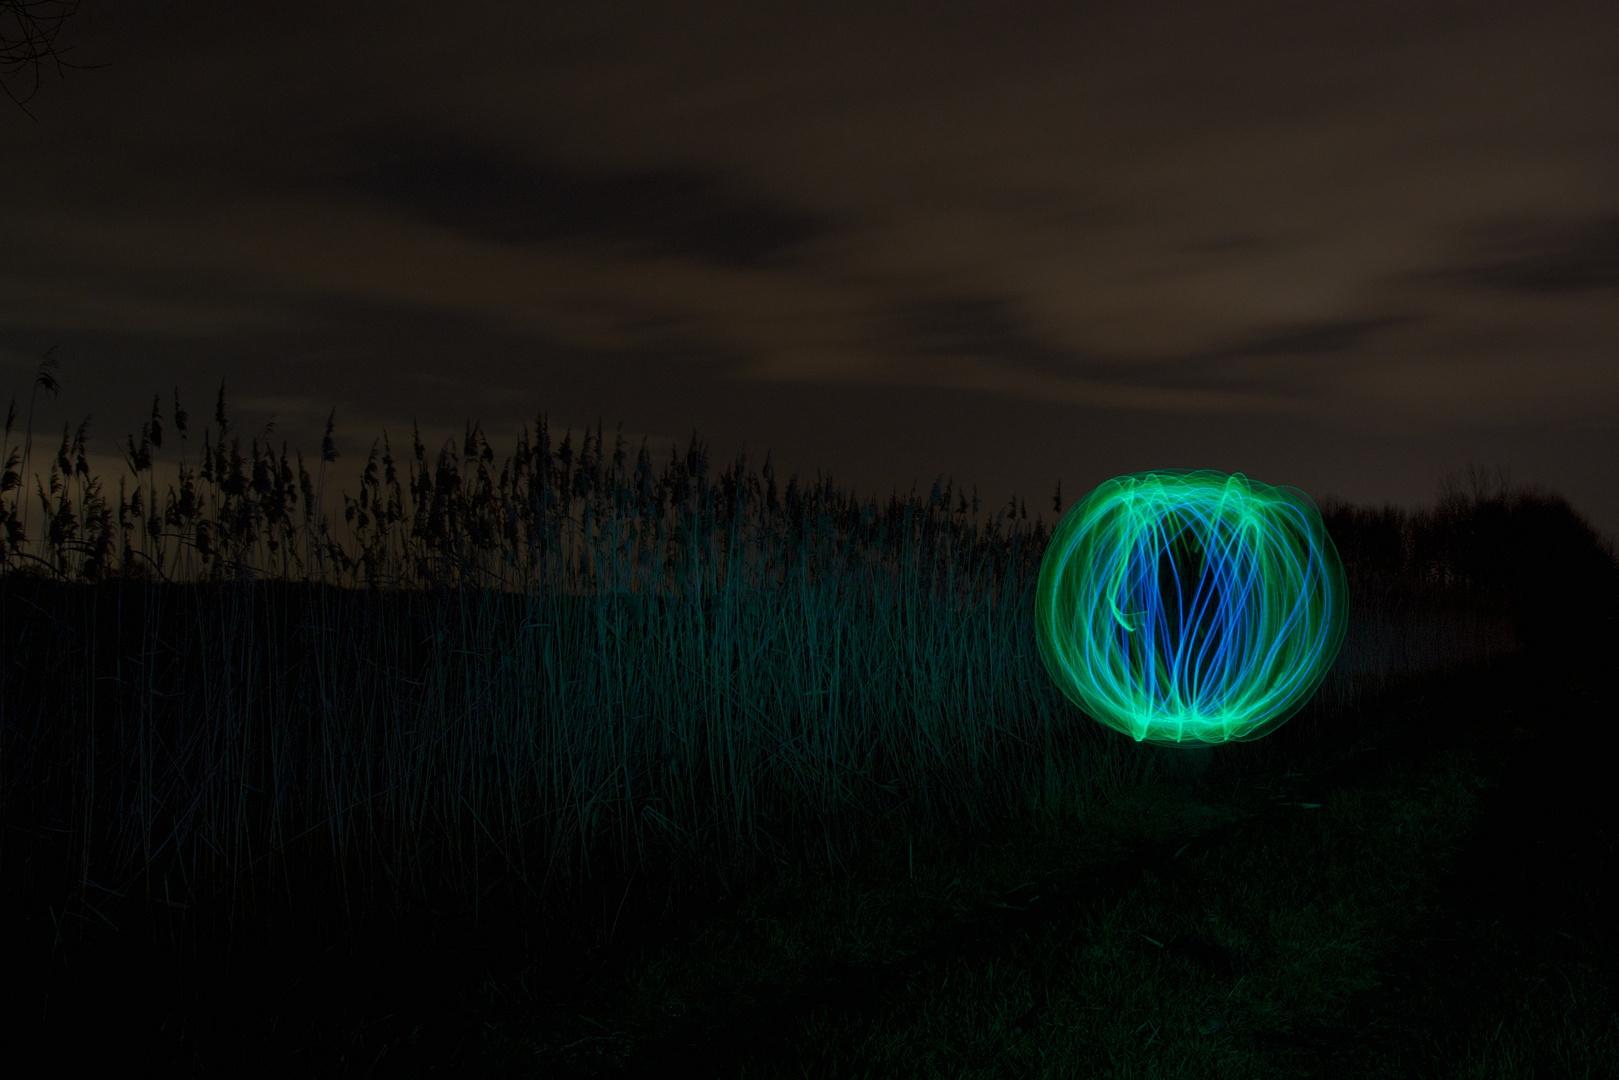 Lichtkugel im Feld